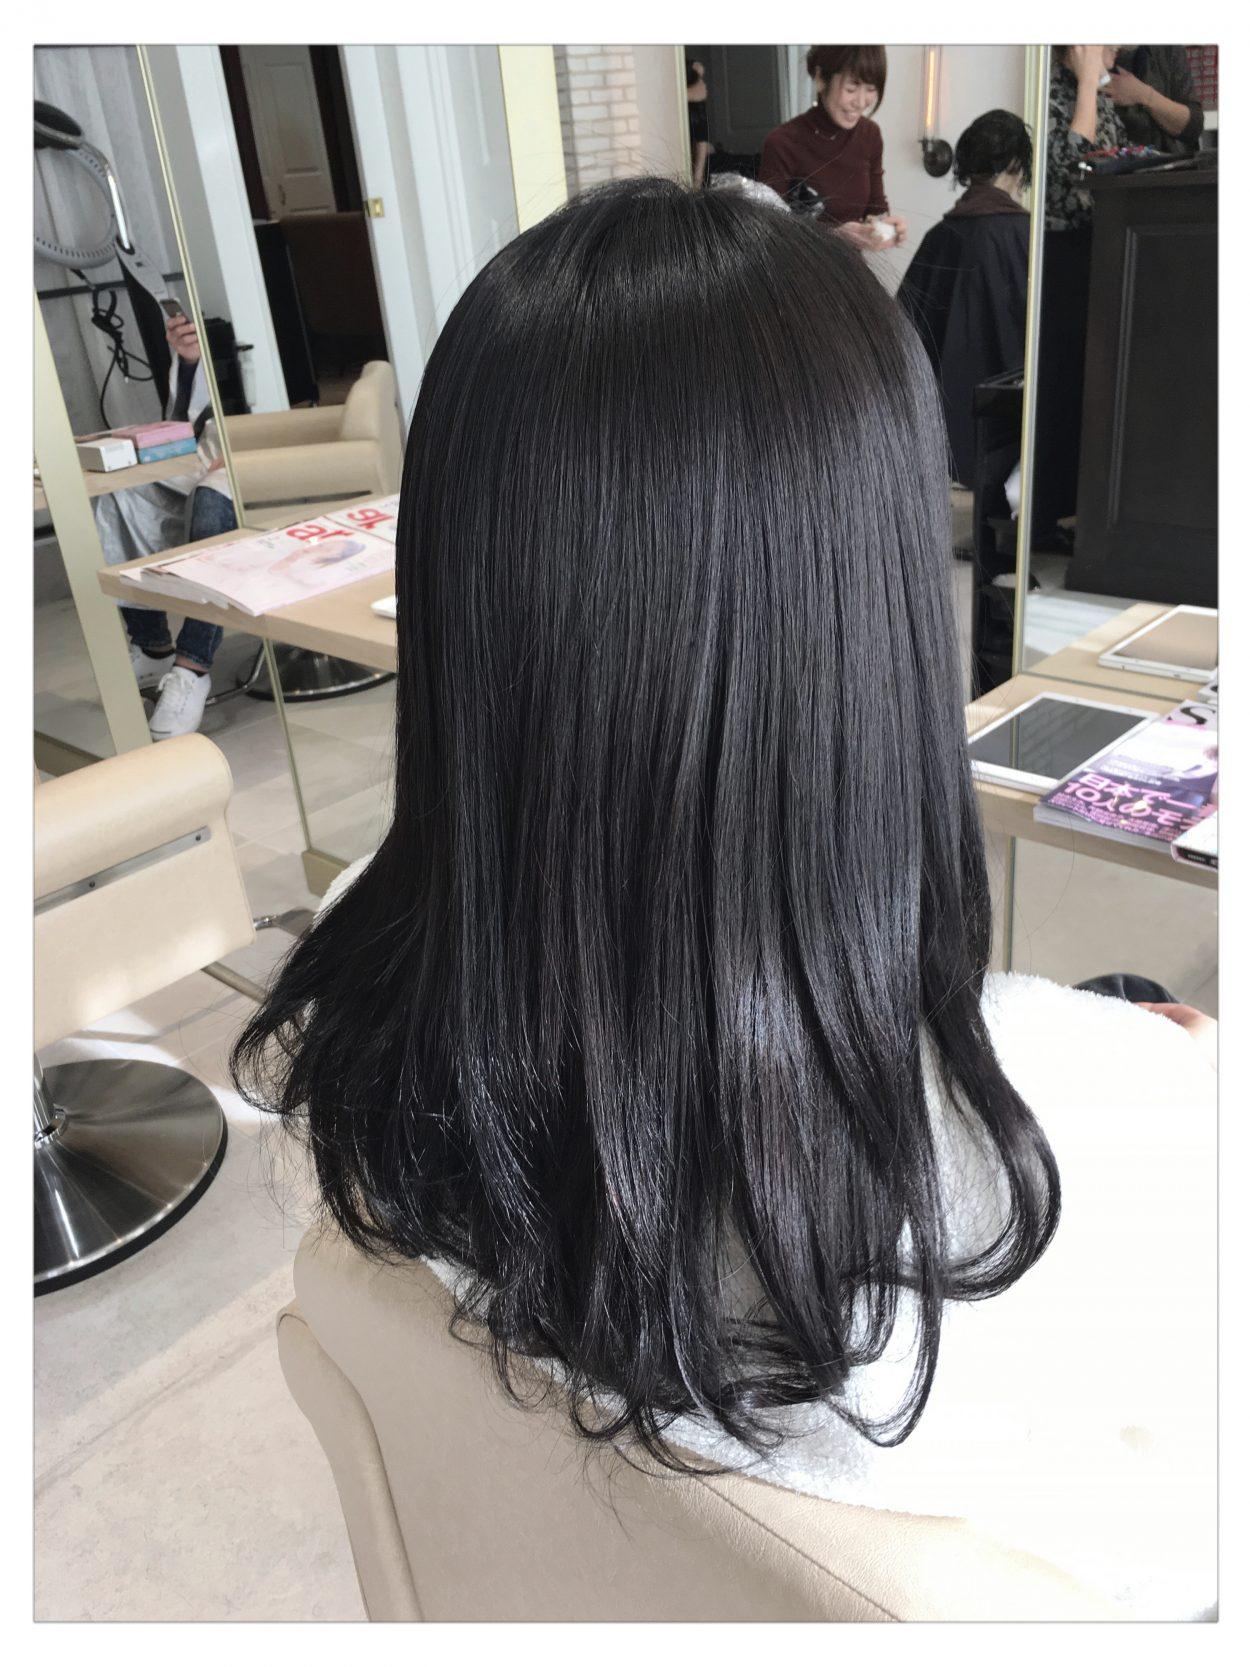 ブラックアッシュの透明感 黒髪にも見えて就活生にもオススメの髪色